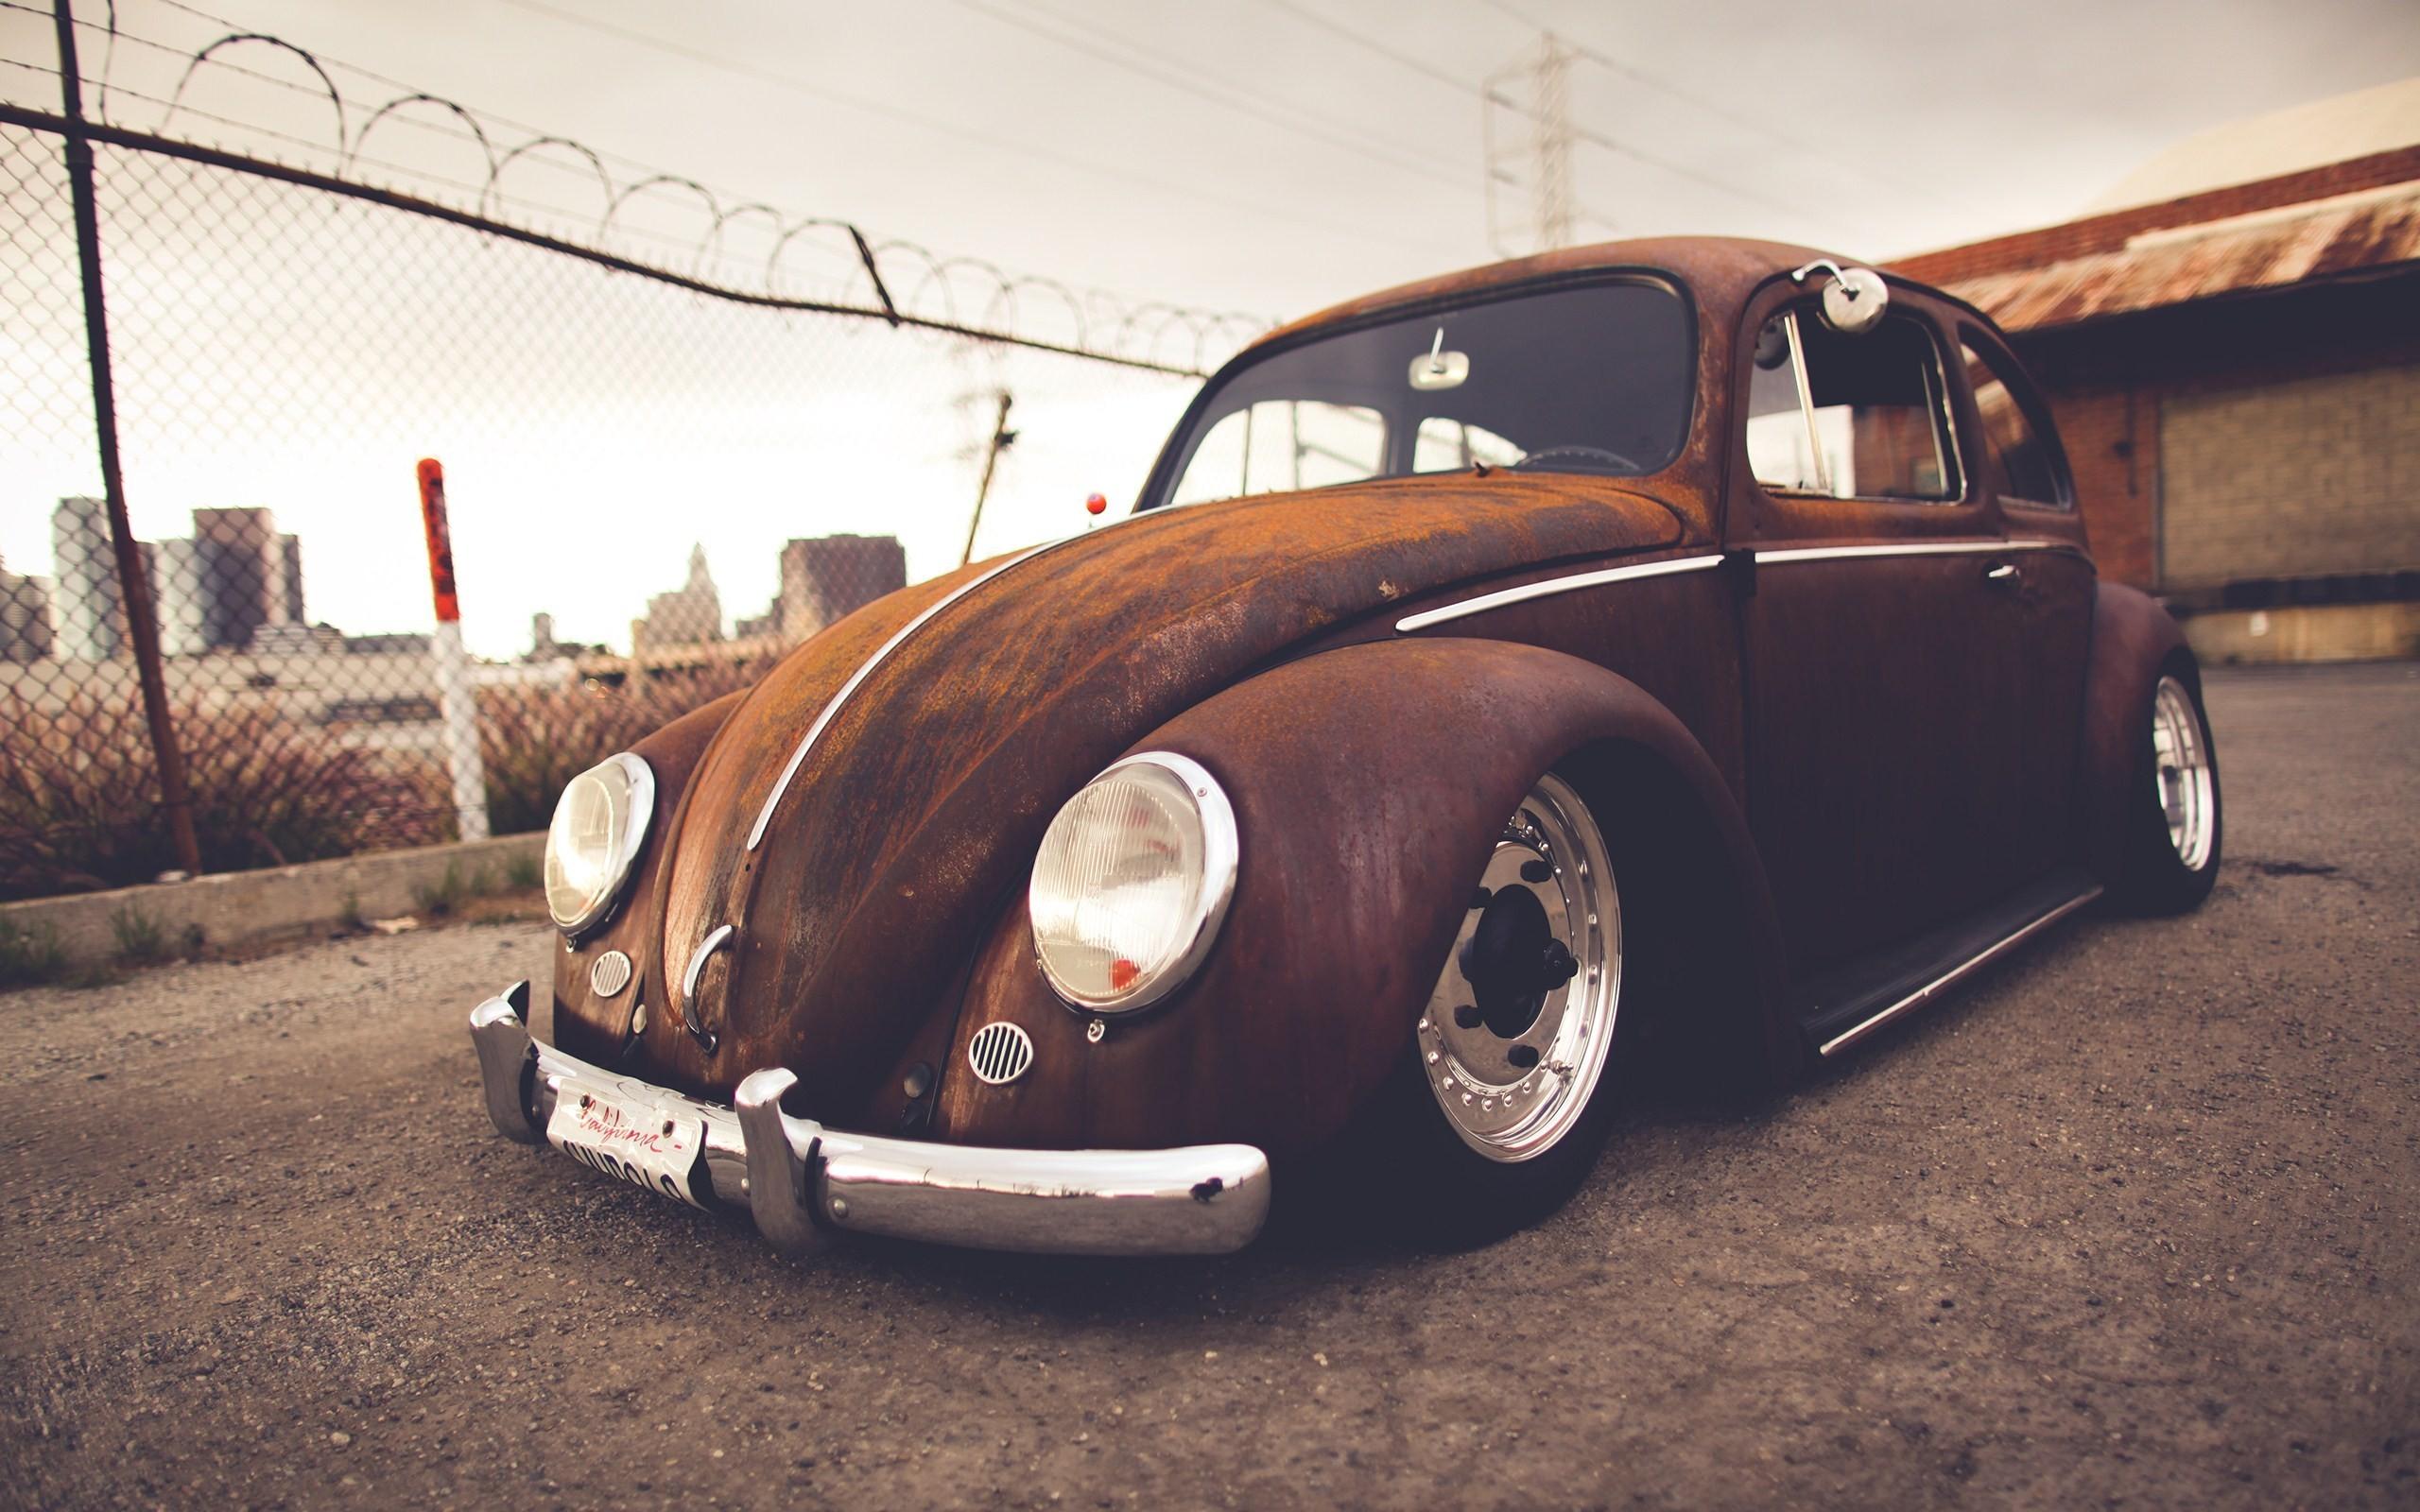 Volkswagen Beetle (Volkswagen Käfer): Time & Rust